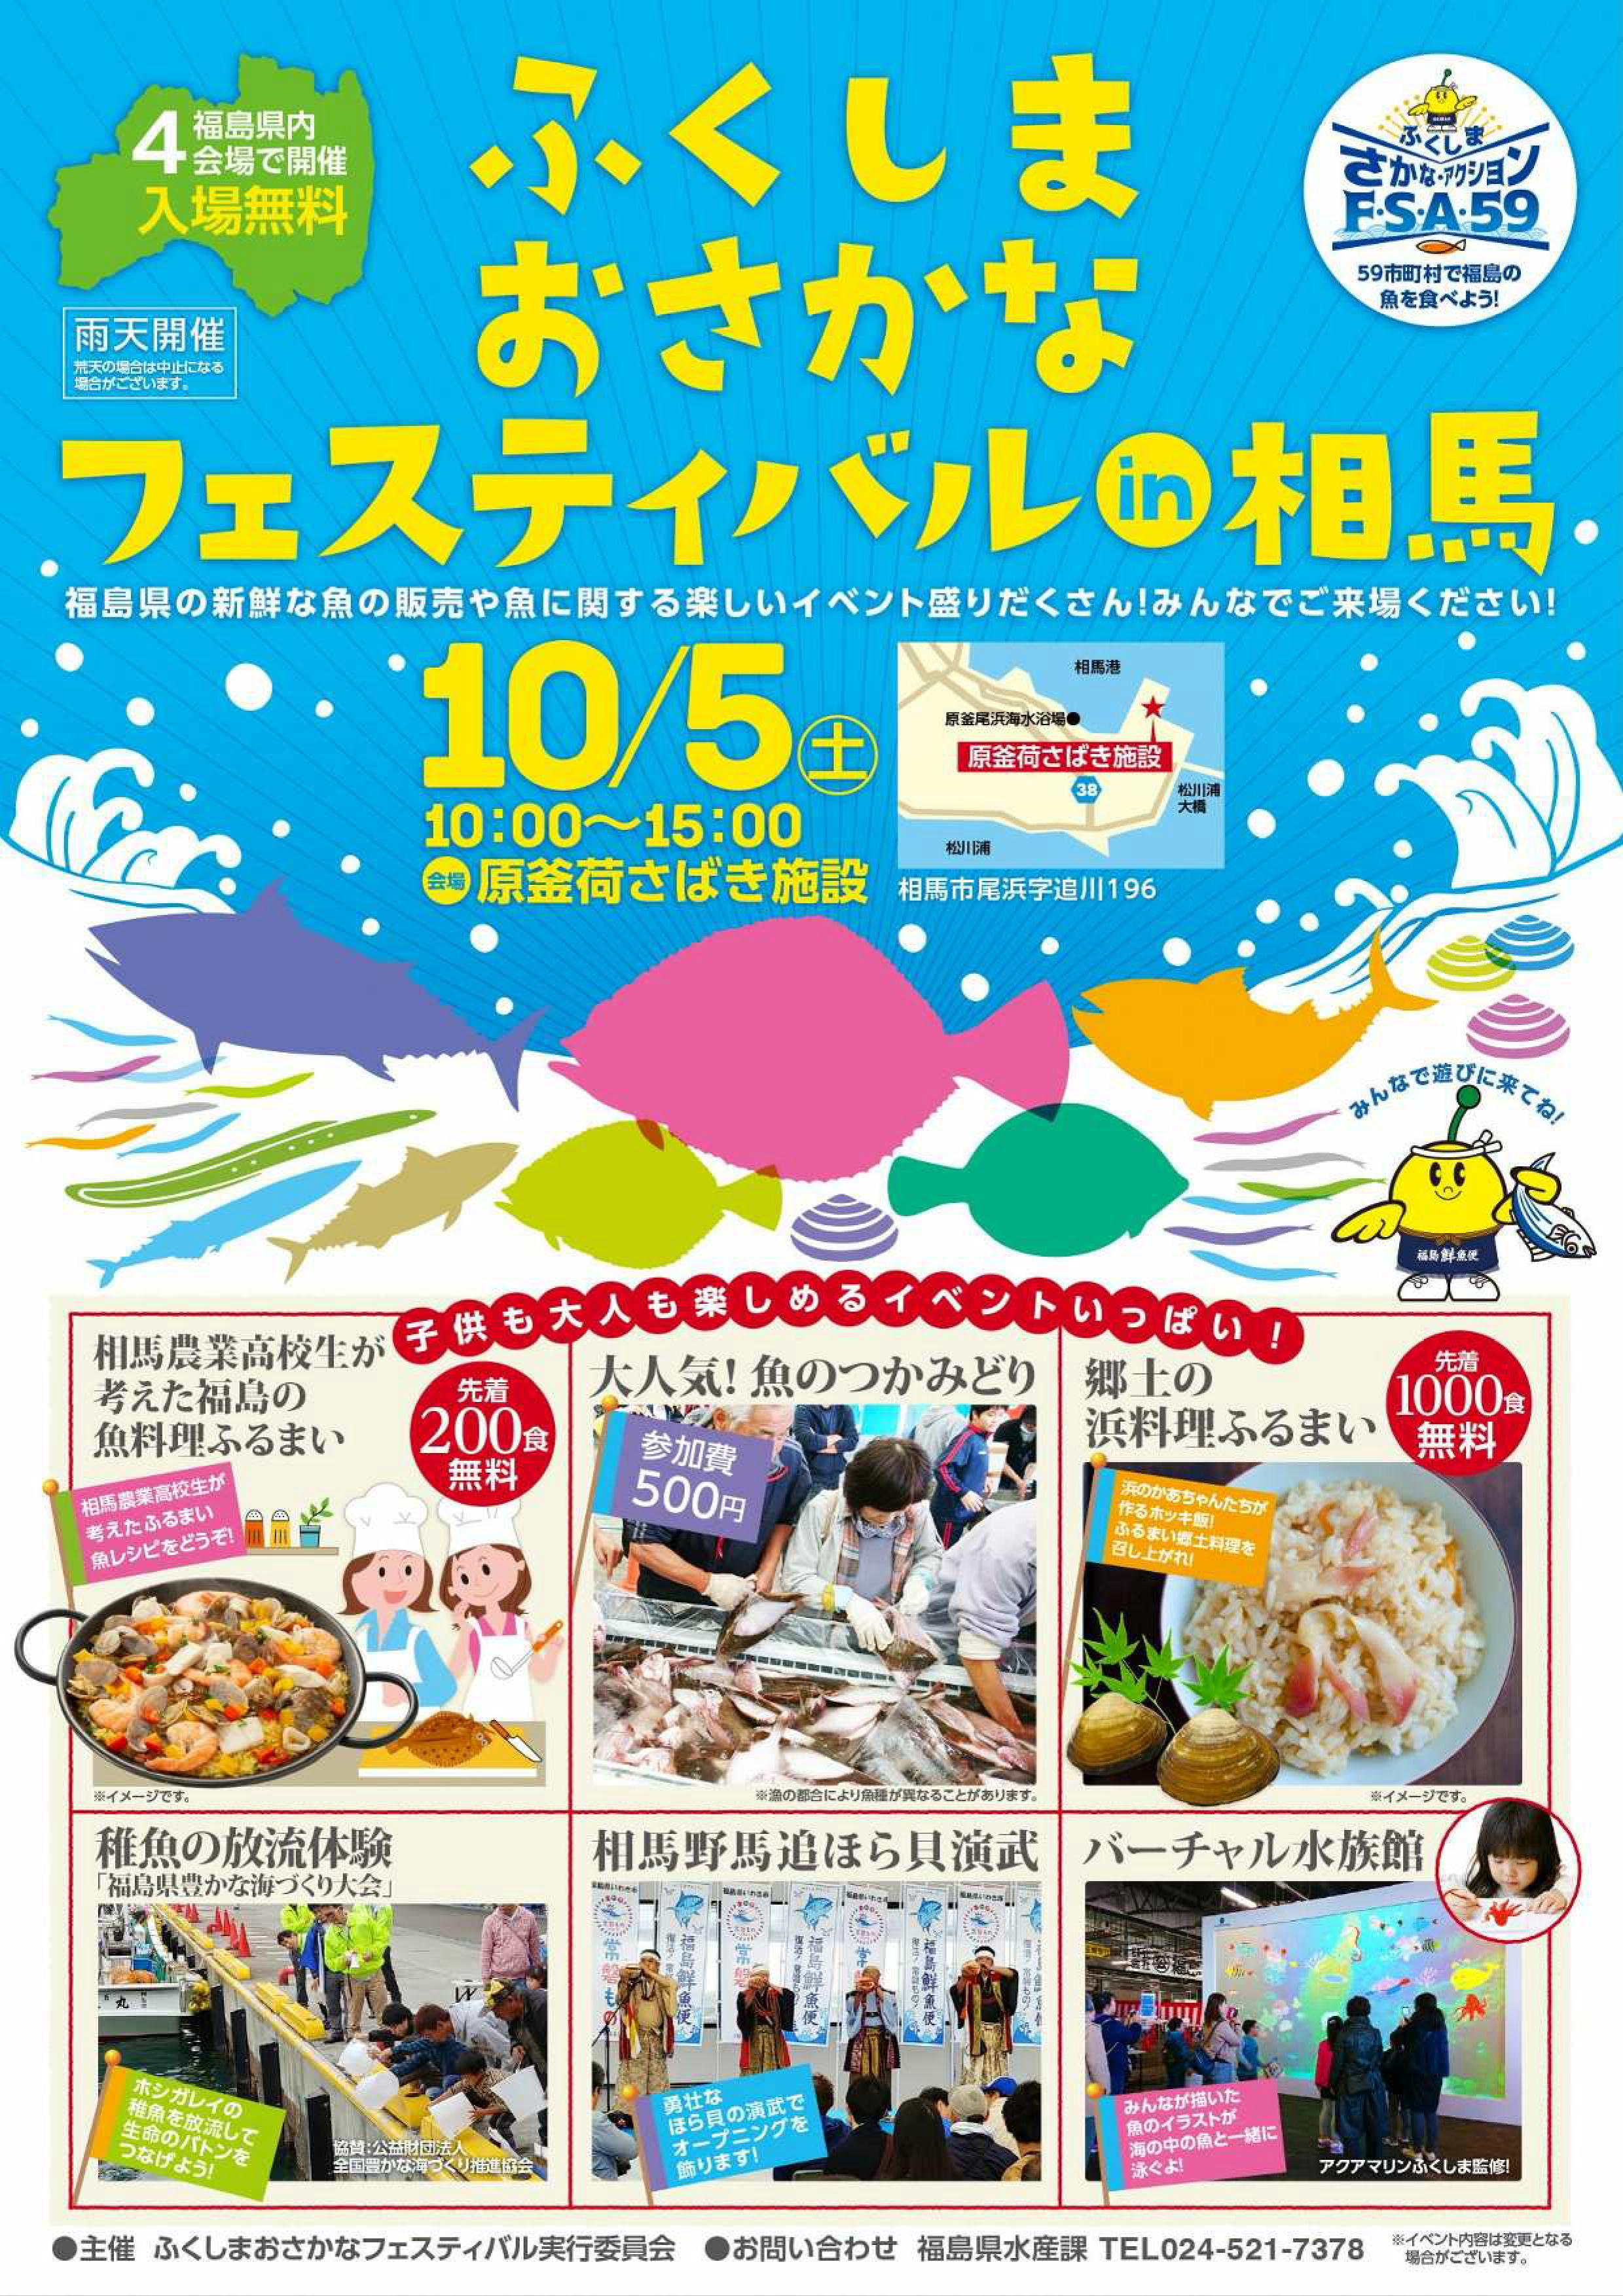 2019.10.5ふくしまおさかなフェスティバルin相馬